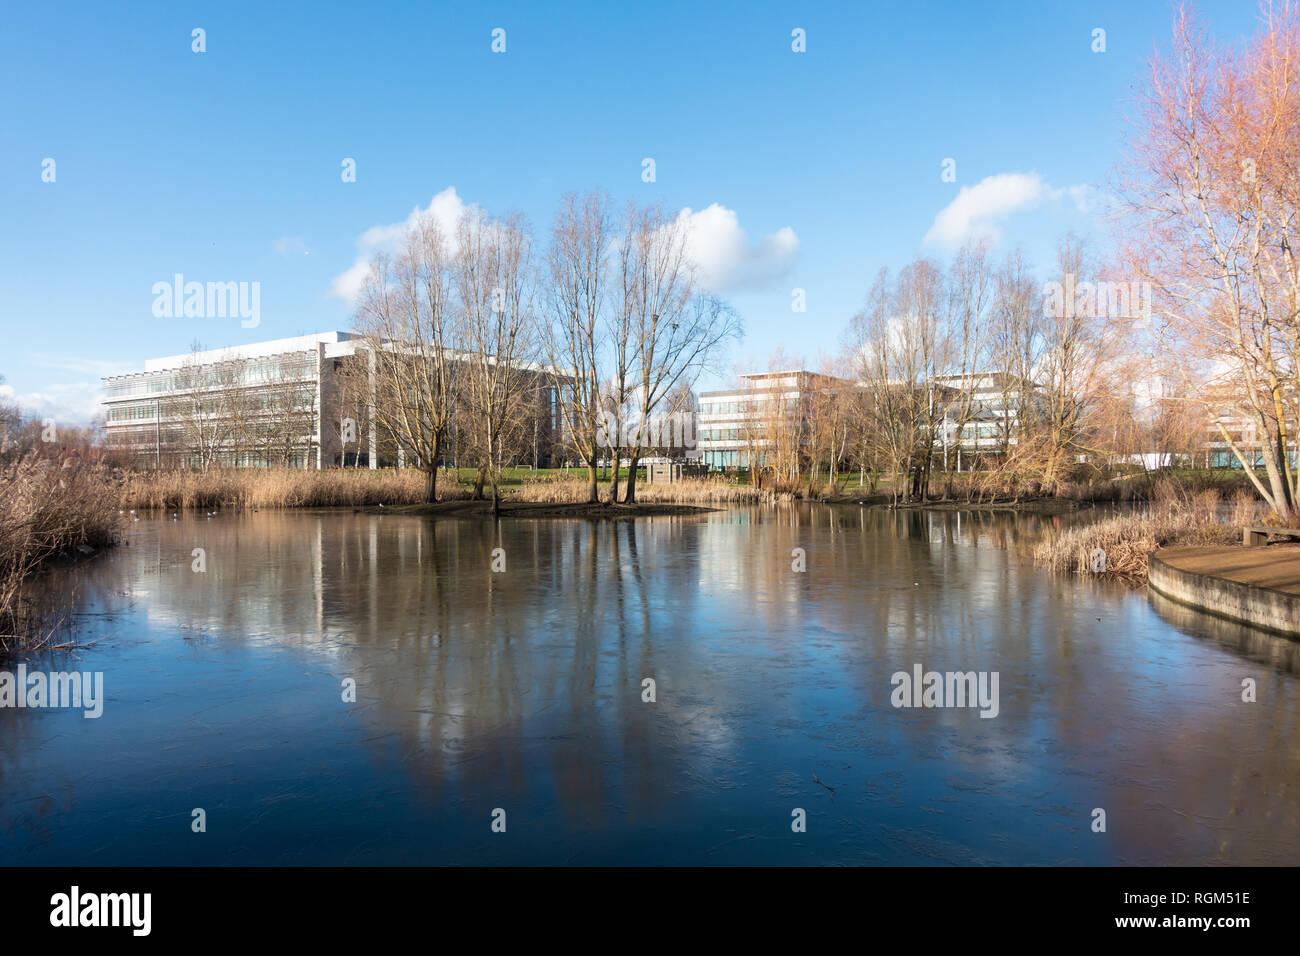 Bleu ciel et les édifices reflètent dans un lac gelé dans le centre d'un parc d'affaires en hiver. Banque D'Images